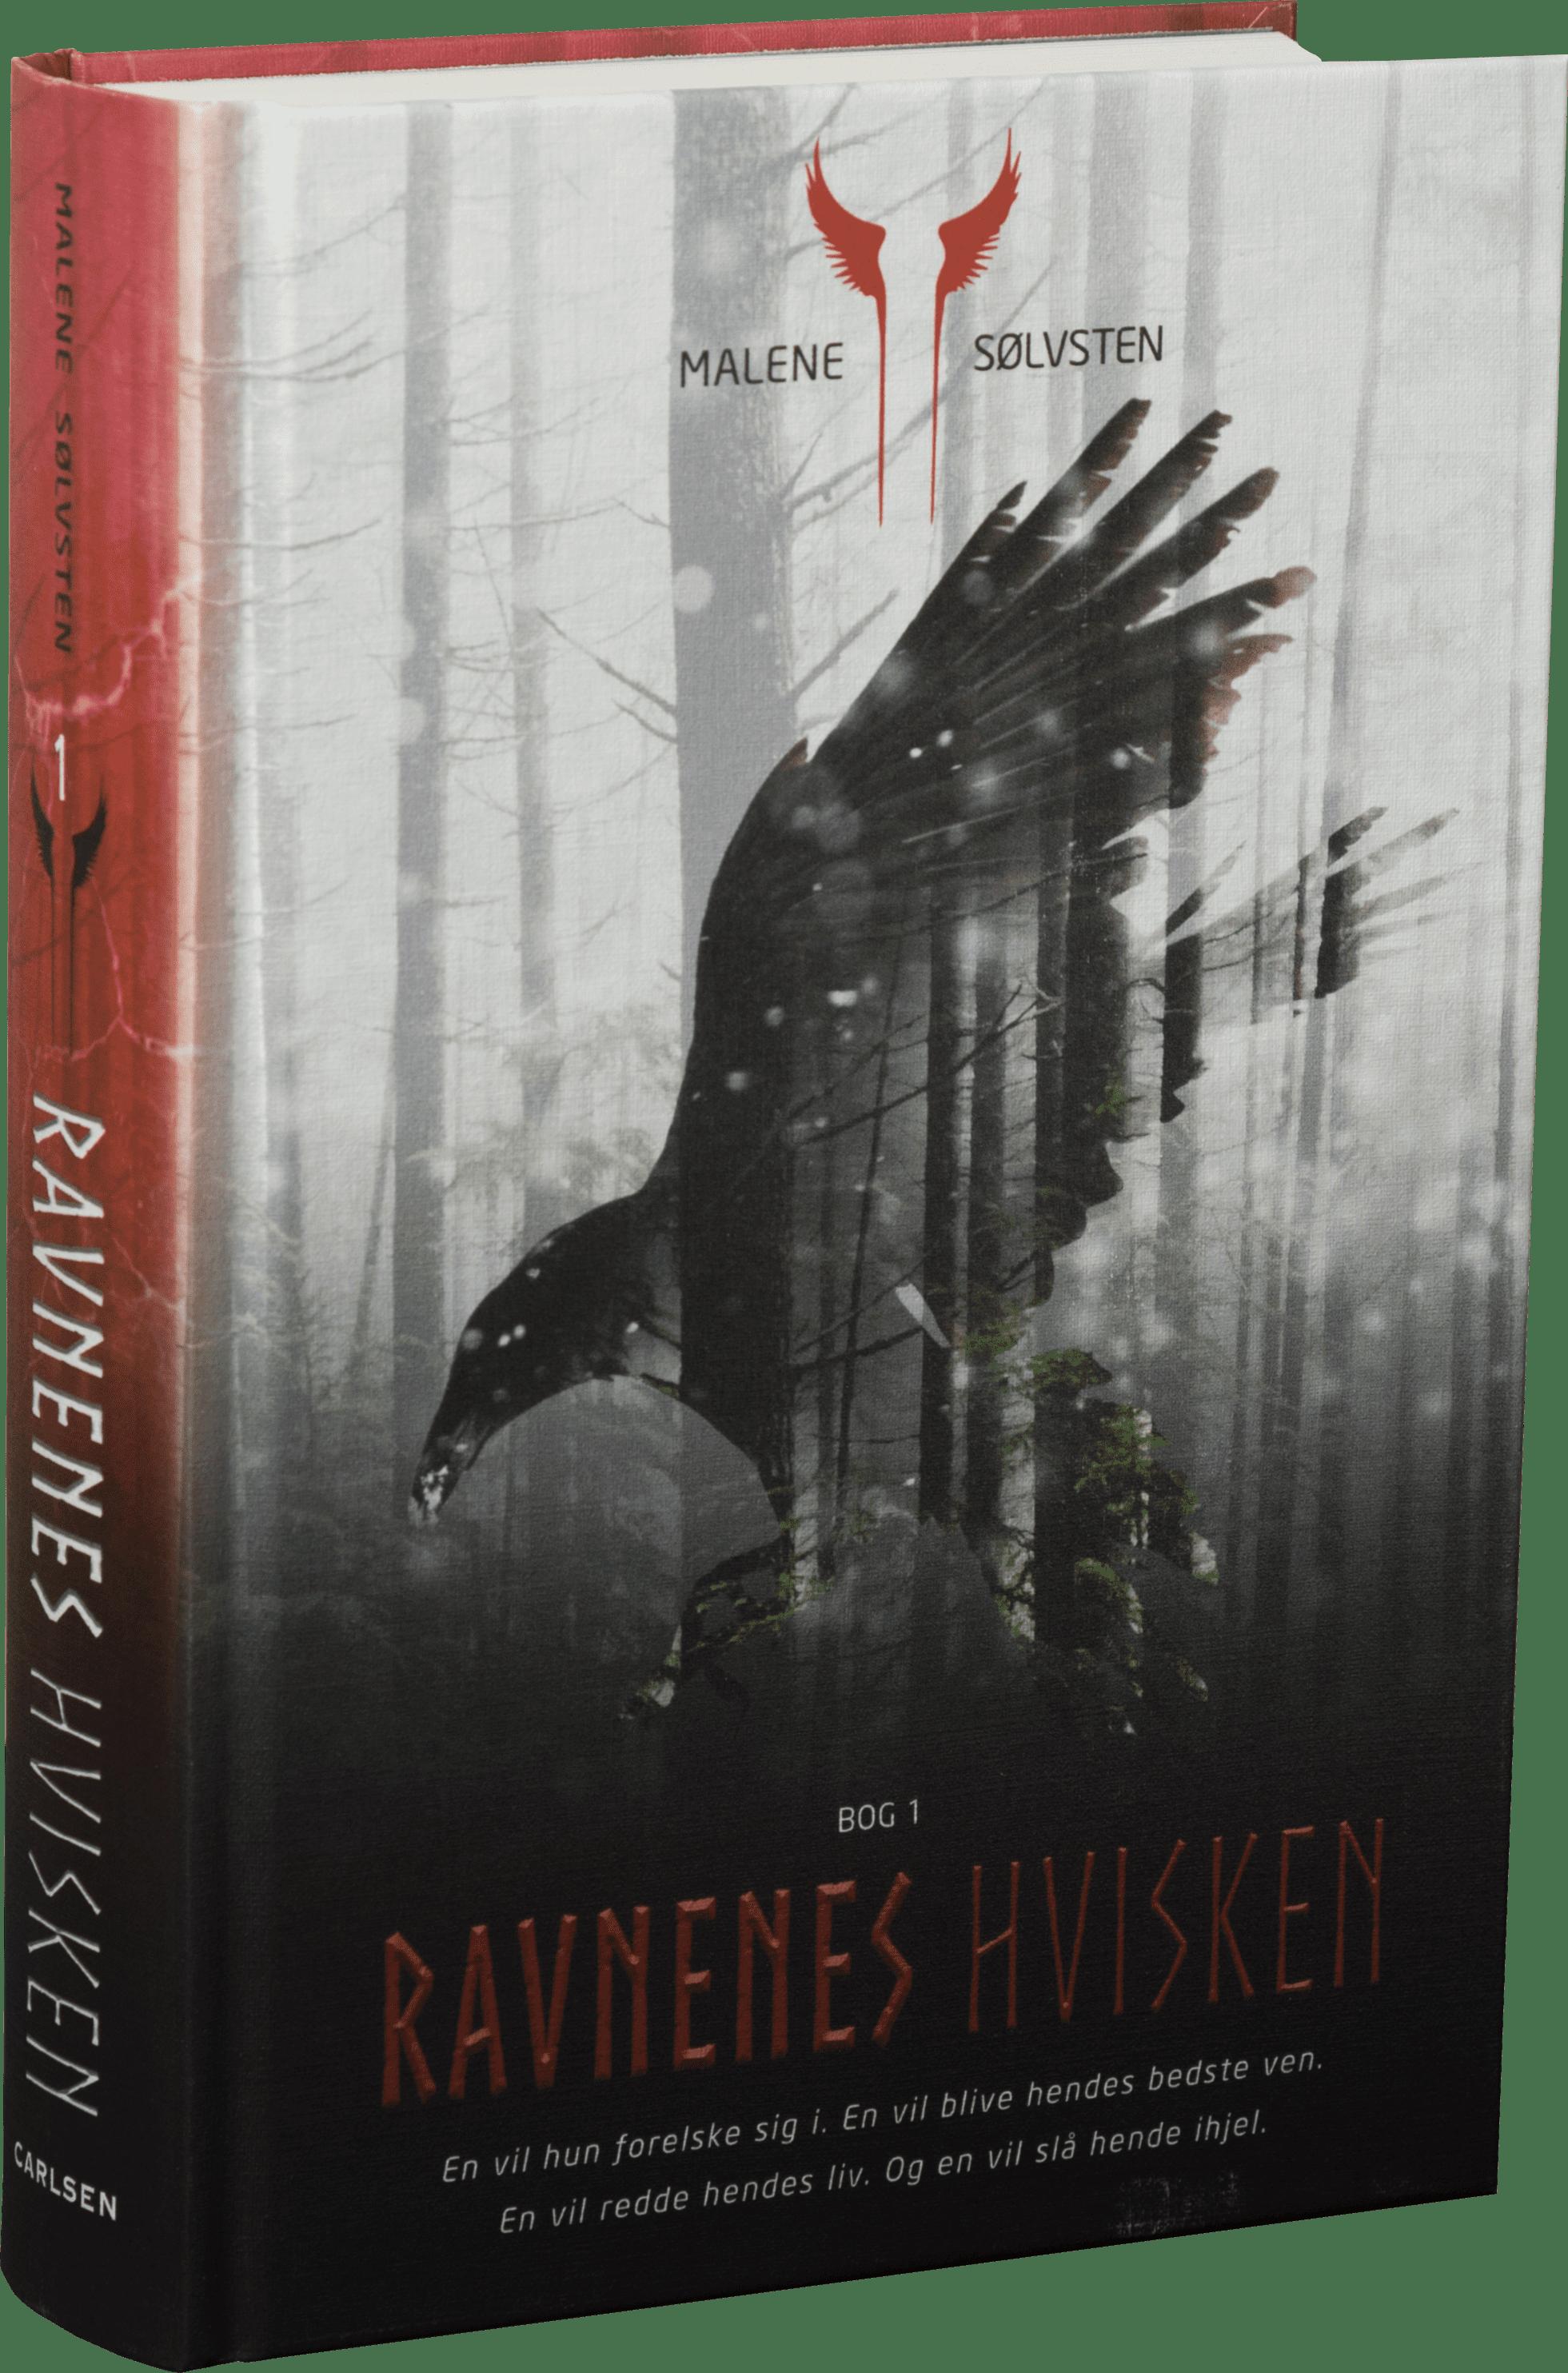 Ravnenes hvisken, Ravnenes hvisken 1, Malene Sølvsten, fantasy, dansk fantasy, nordisk mytologi